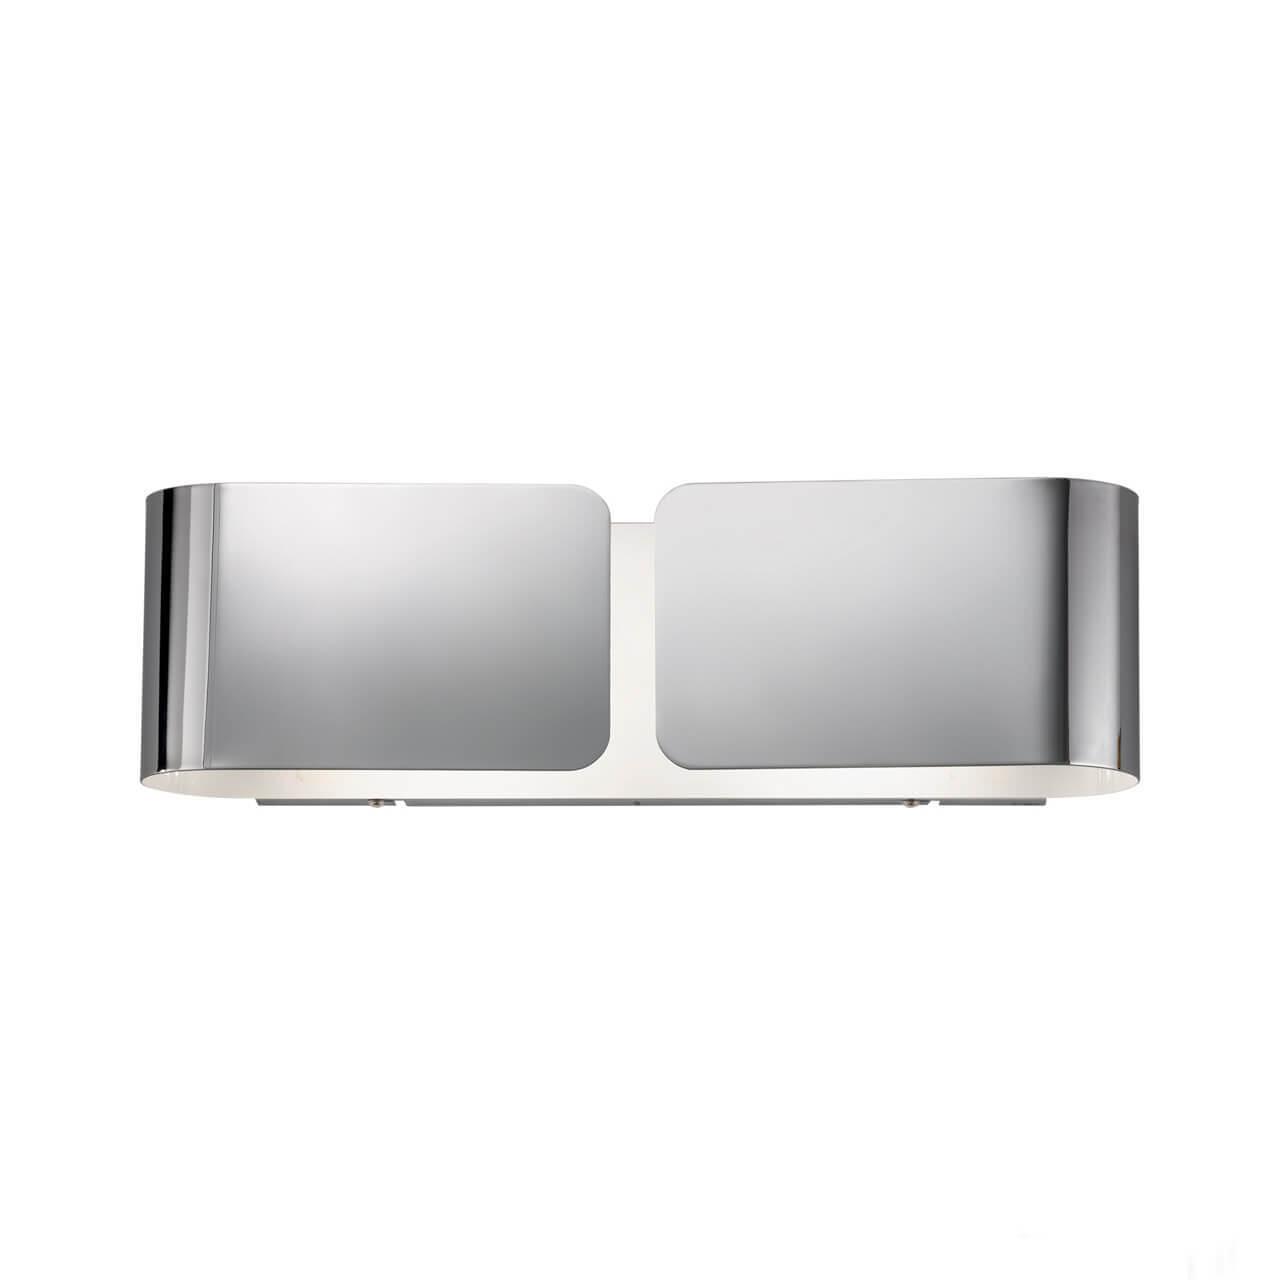 Настенный светильник Ideal Lux Clip AP2 Small Cromo все цены